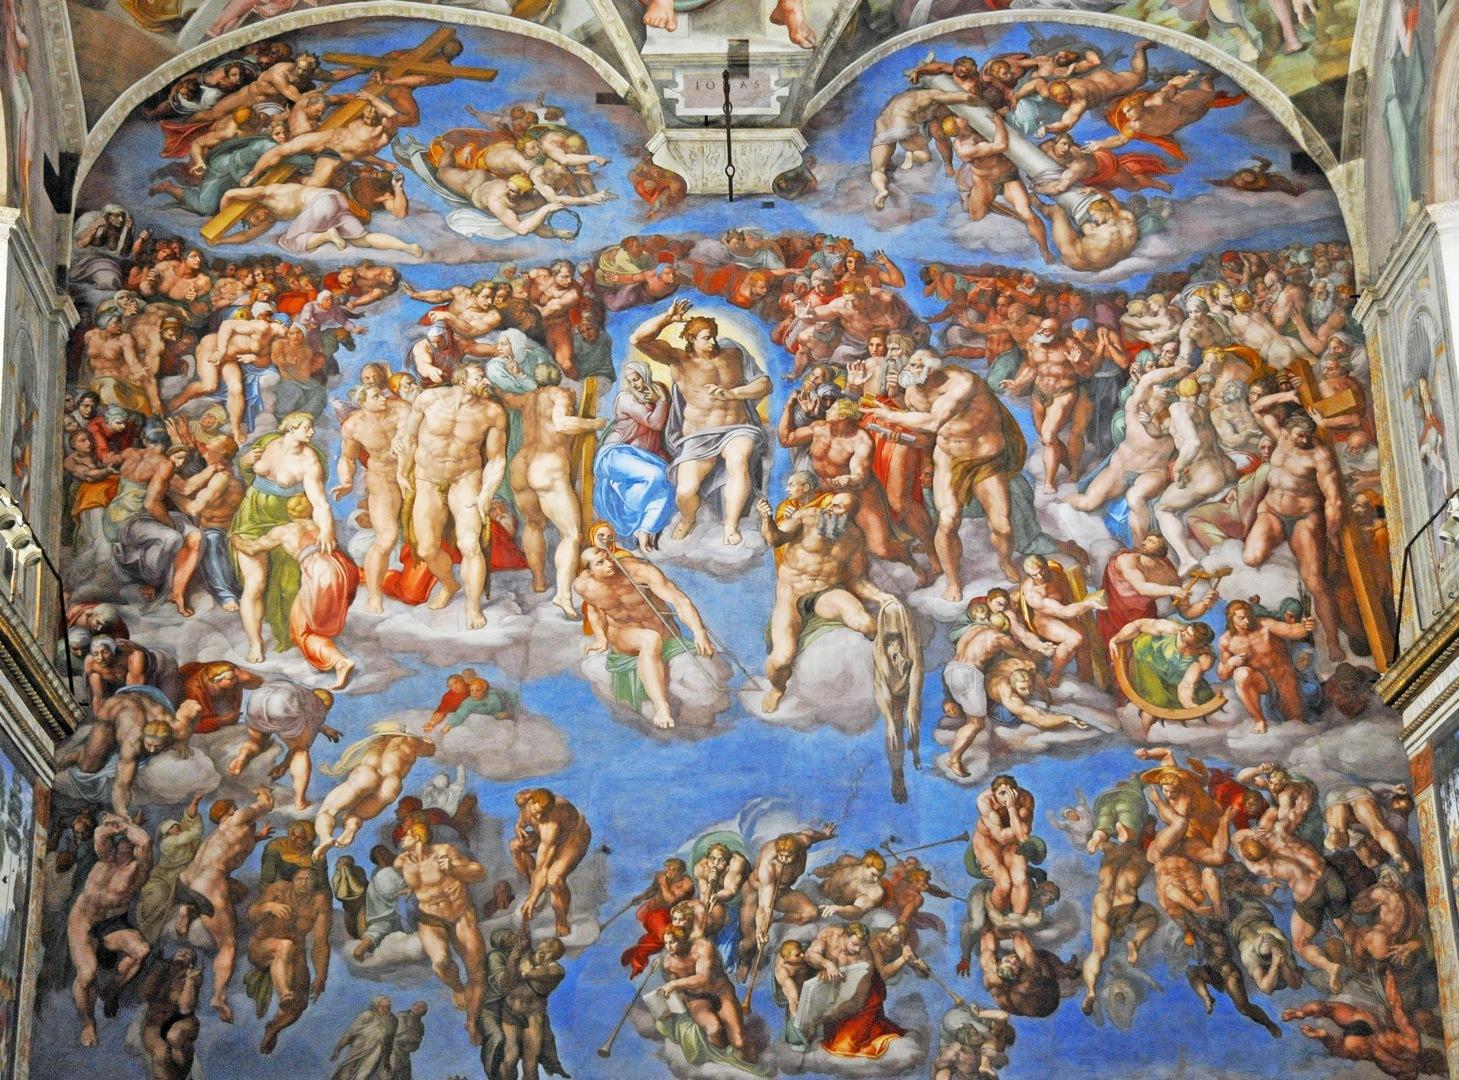 1 - The_Last_Judgment_Michelangelo